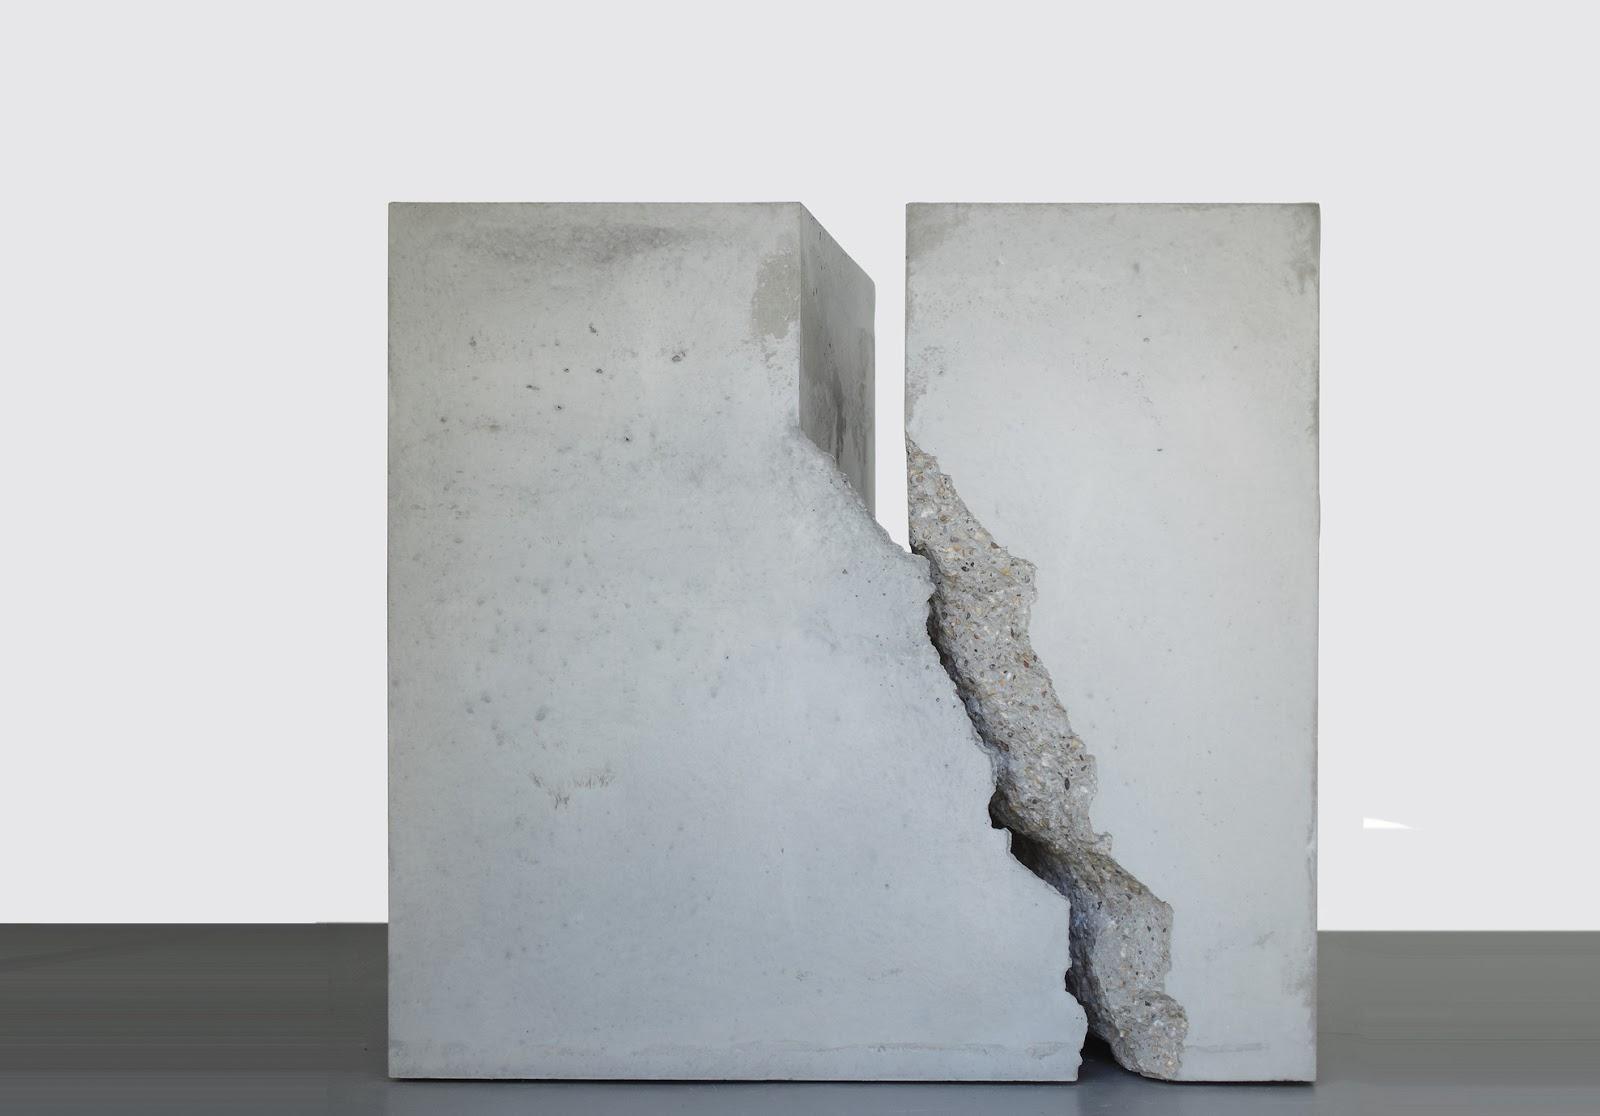 http://www.galeriewolff.com/artists/christoph-weber